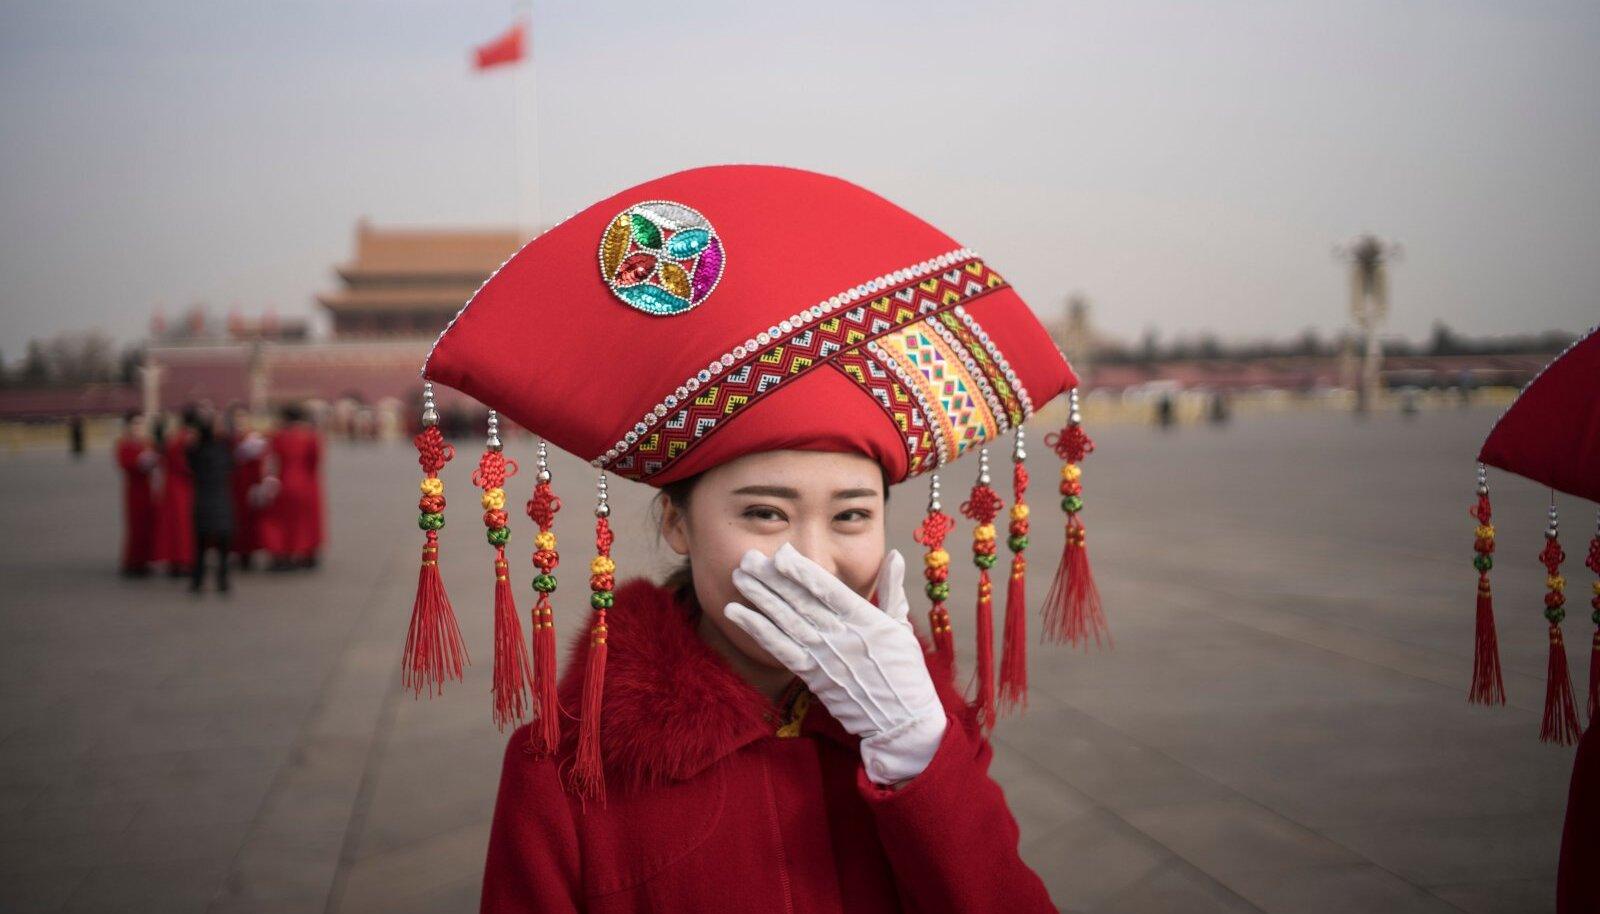 Saabujate tervitaja kommunistliku partei kongressil 2018. aastal Pekingis.